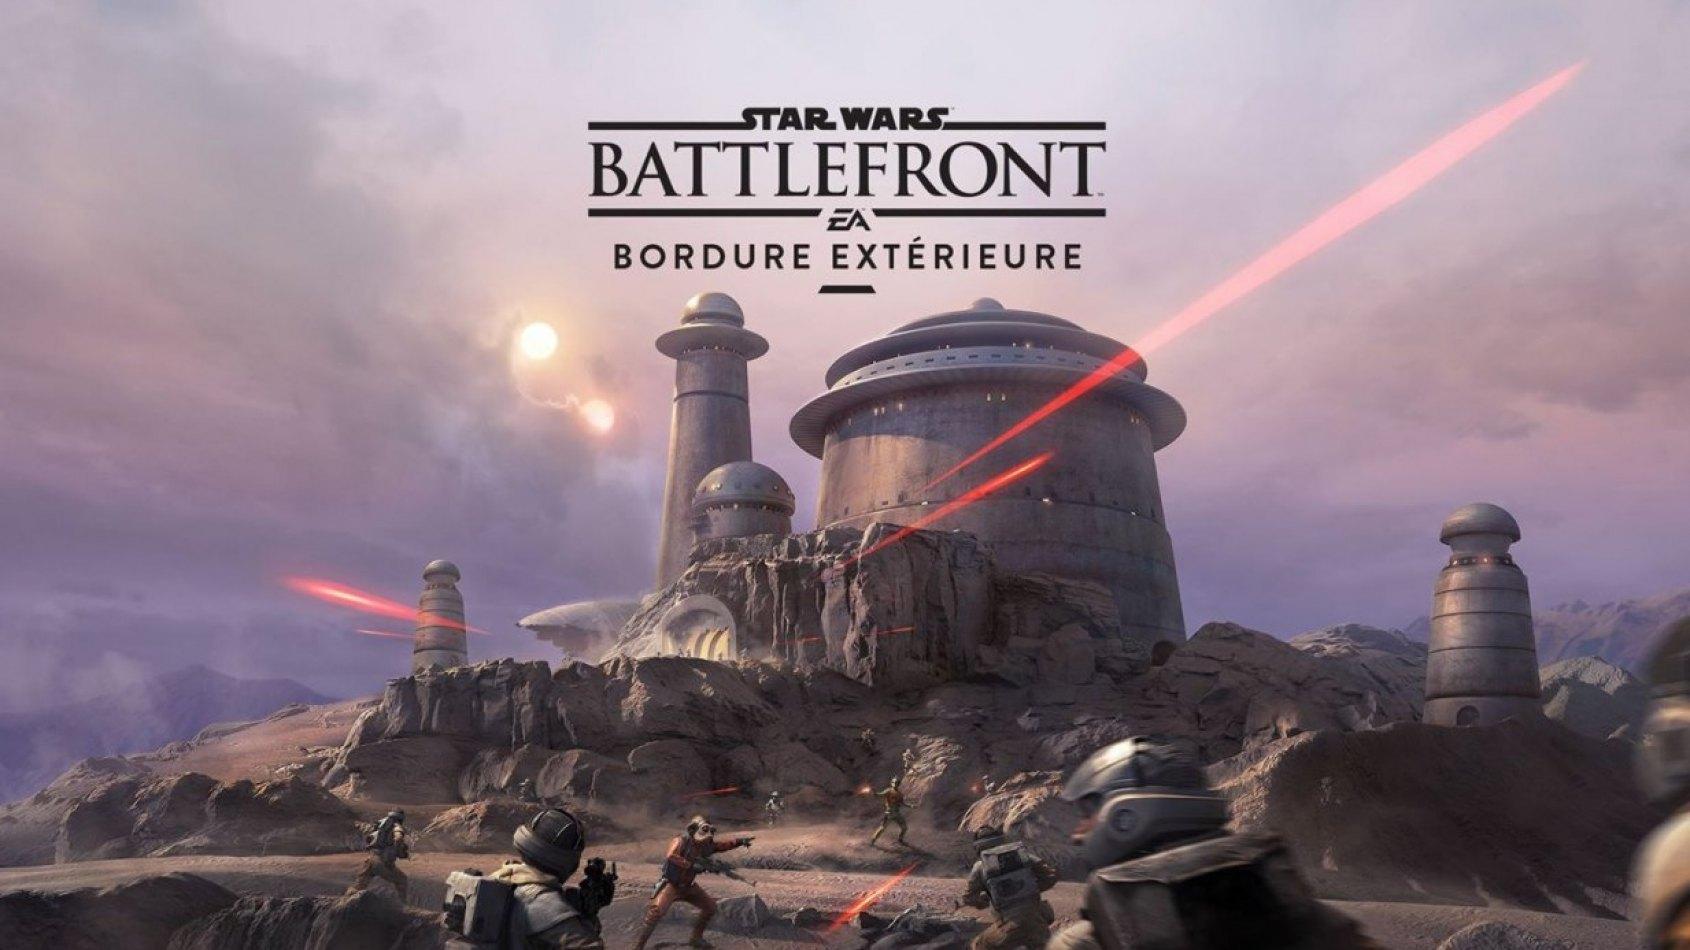 Battlefront, un trailer pour l'extension 'Bordure extérieure'